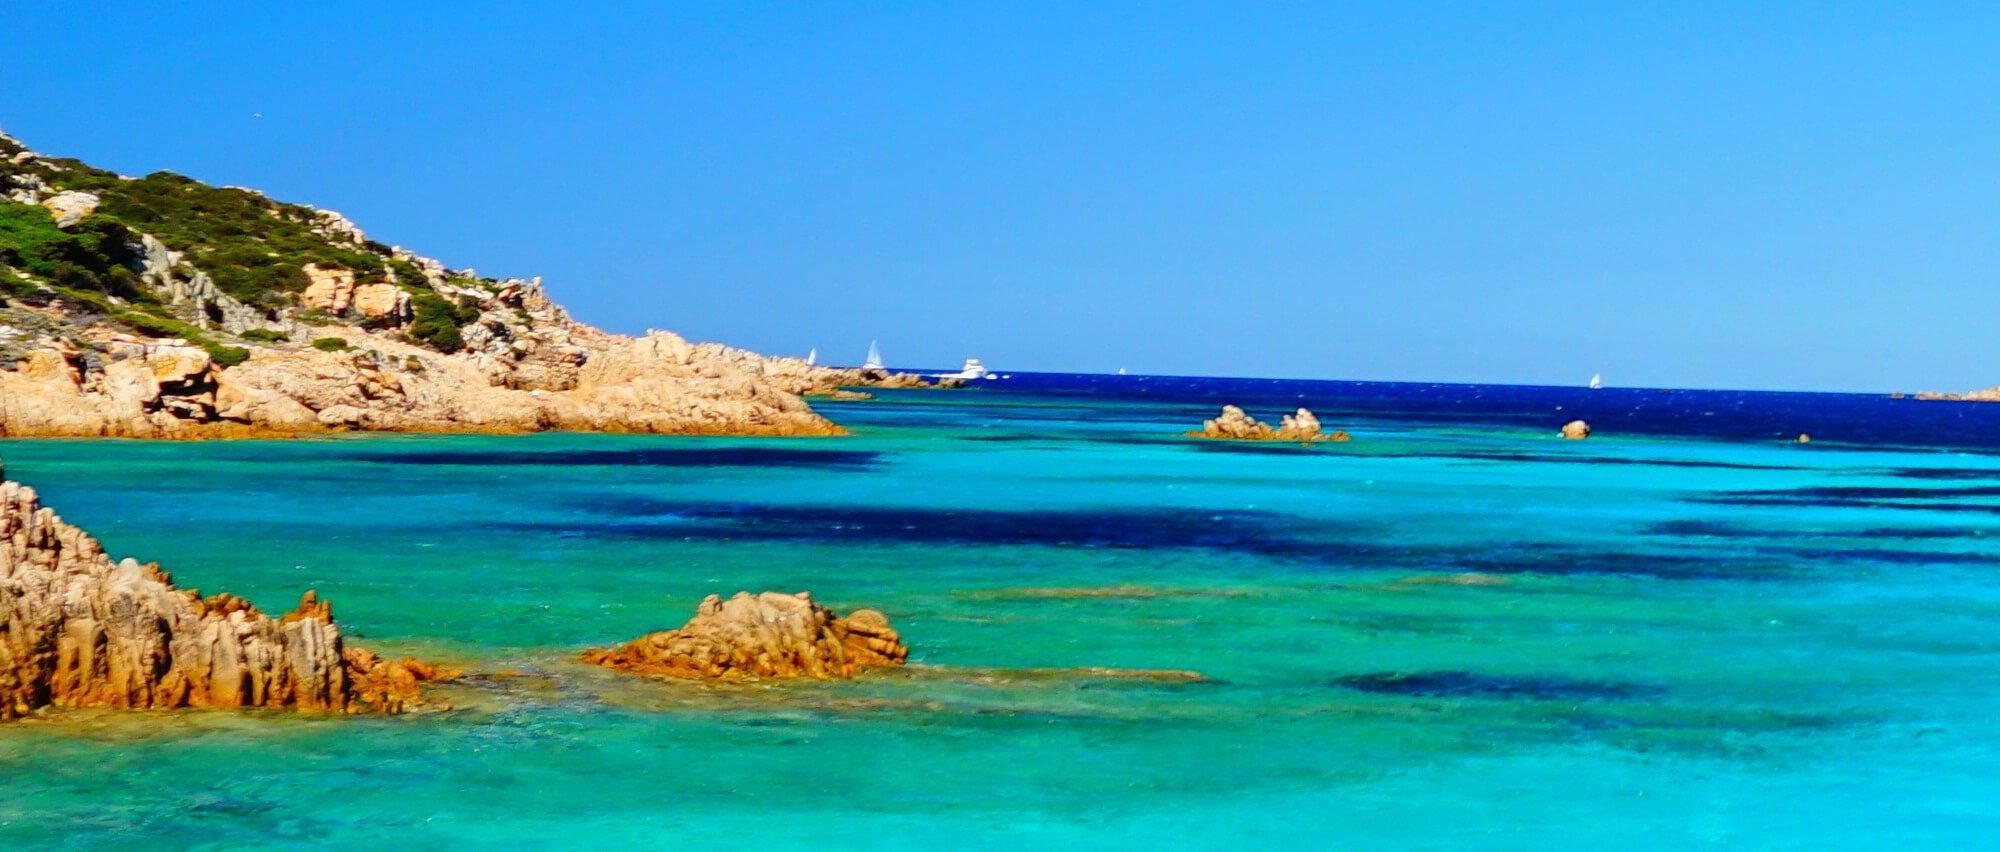 Rund um Sardinien werden Sie ein traumhaftes Meer und einzigartige Strände erleben